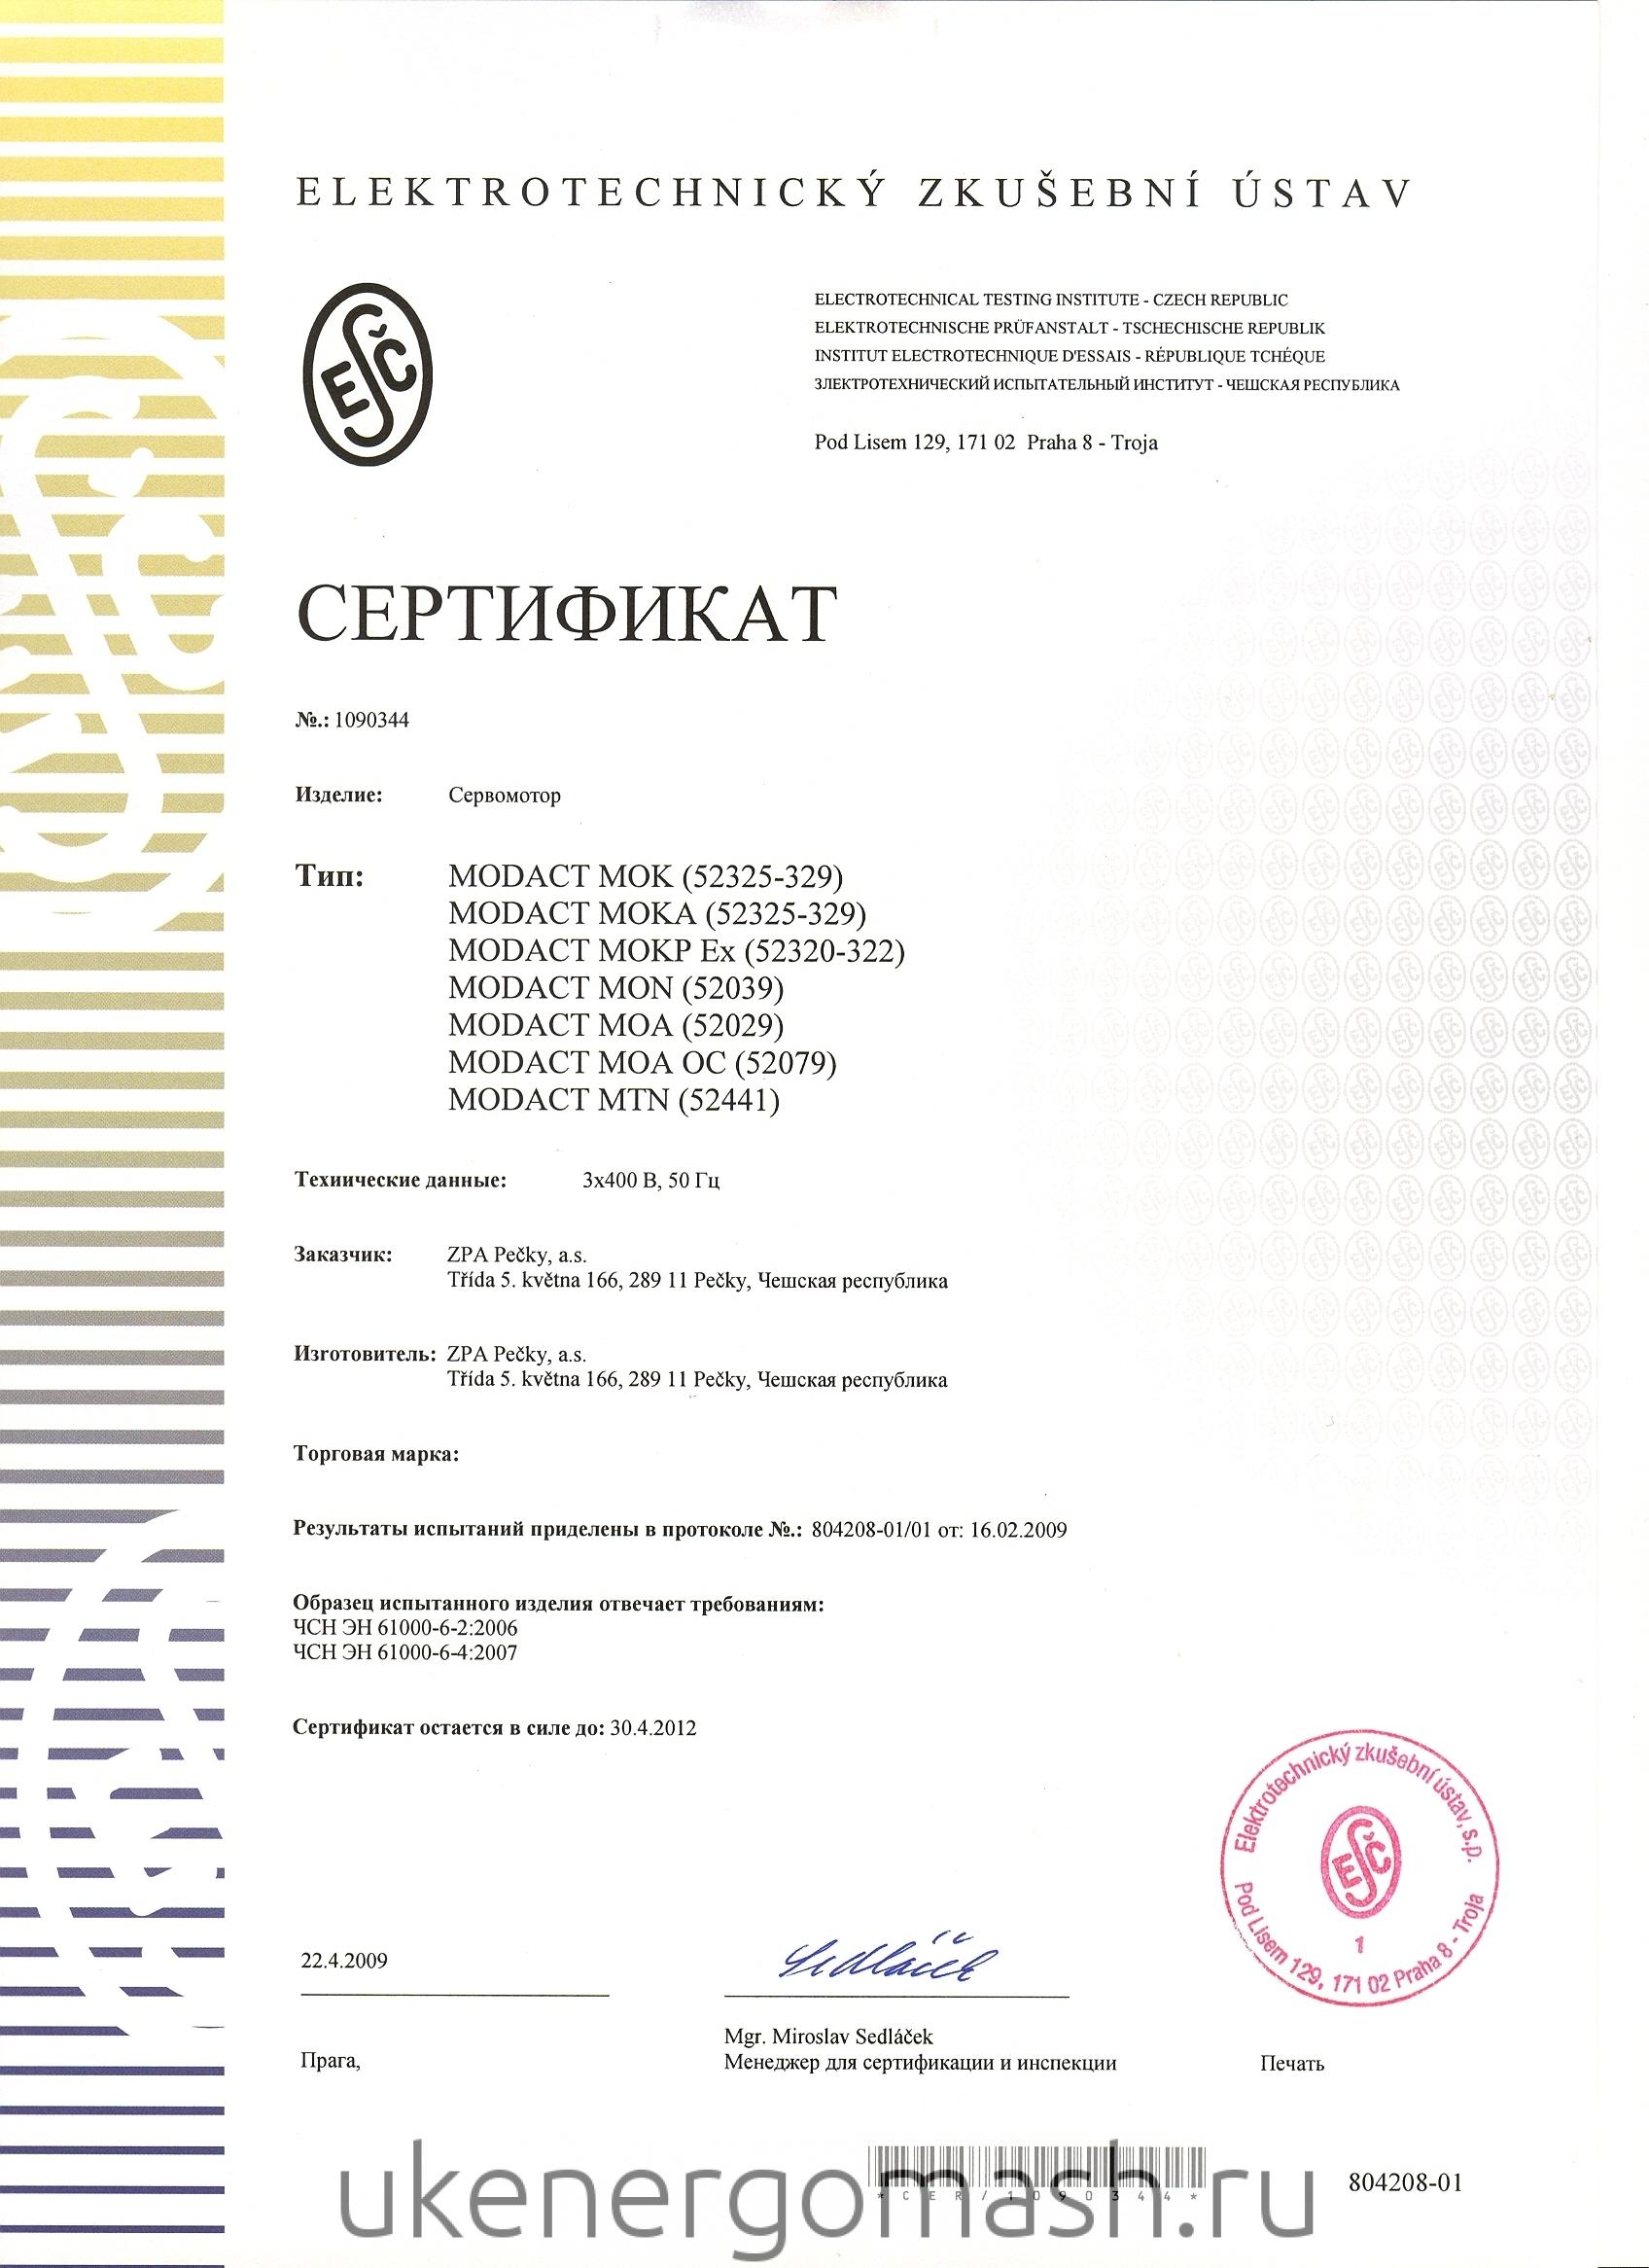 Электропривод MOKP EEx 52320